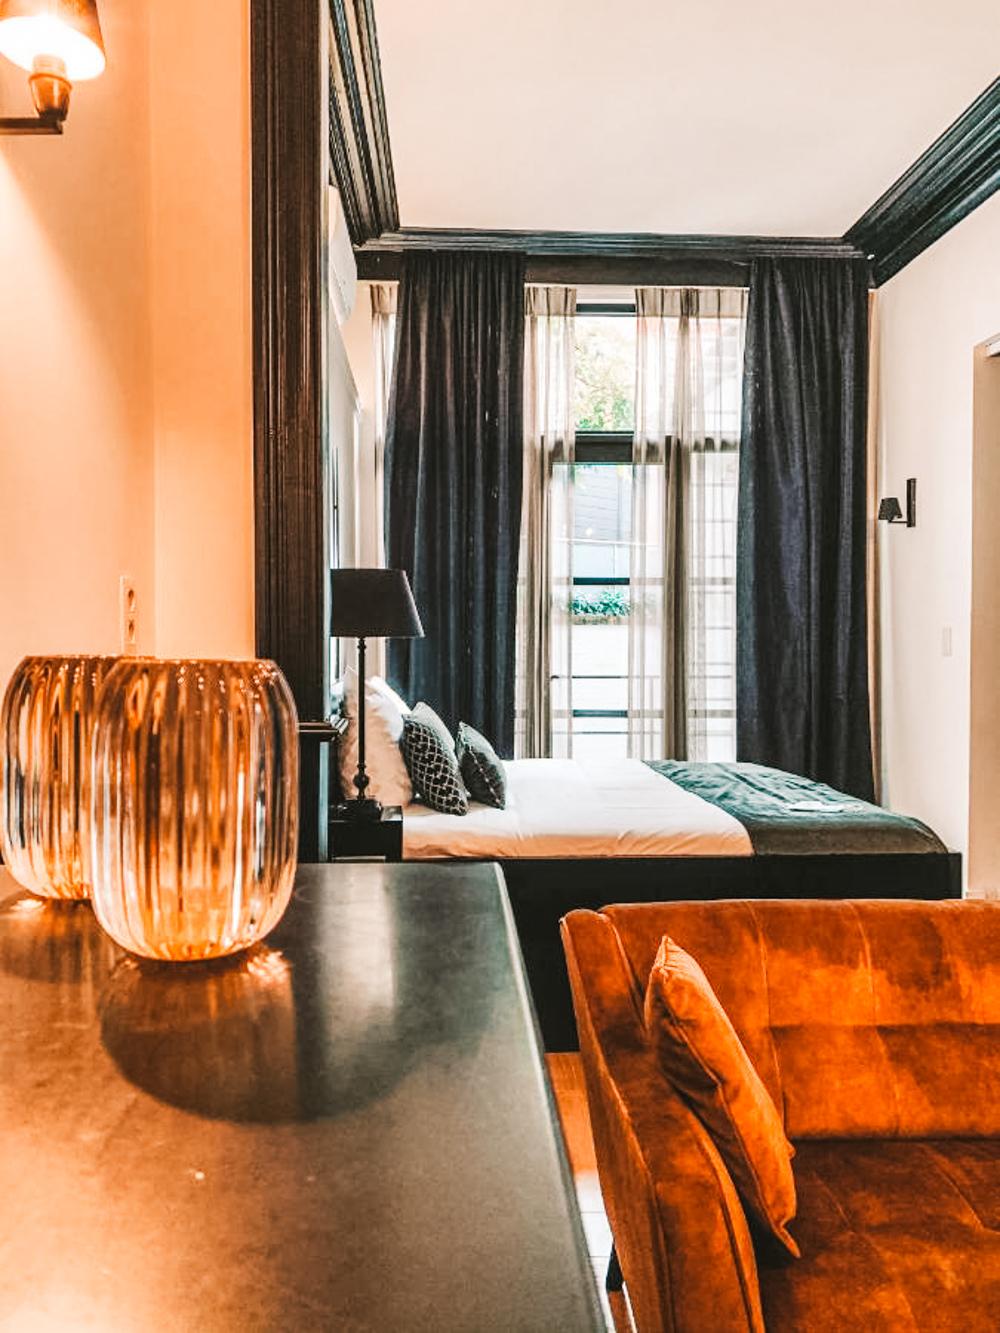 B&B Antwerpen b in antwerp bed breakfast